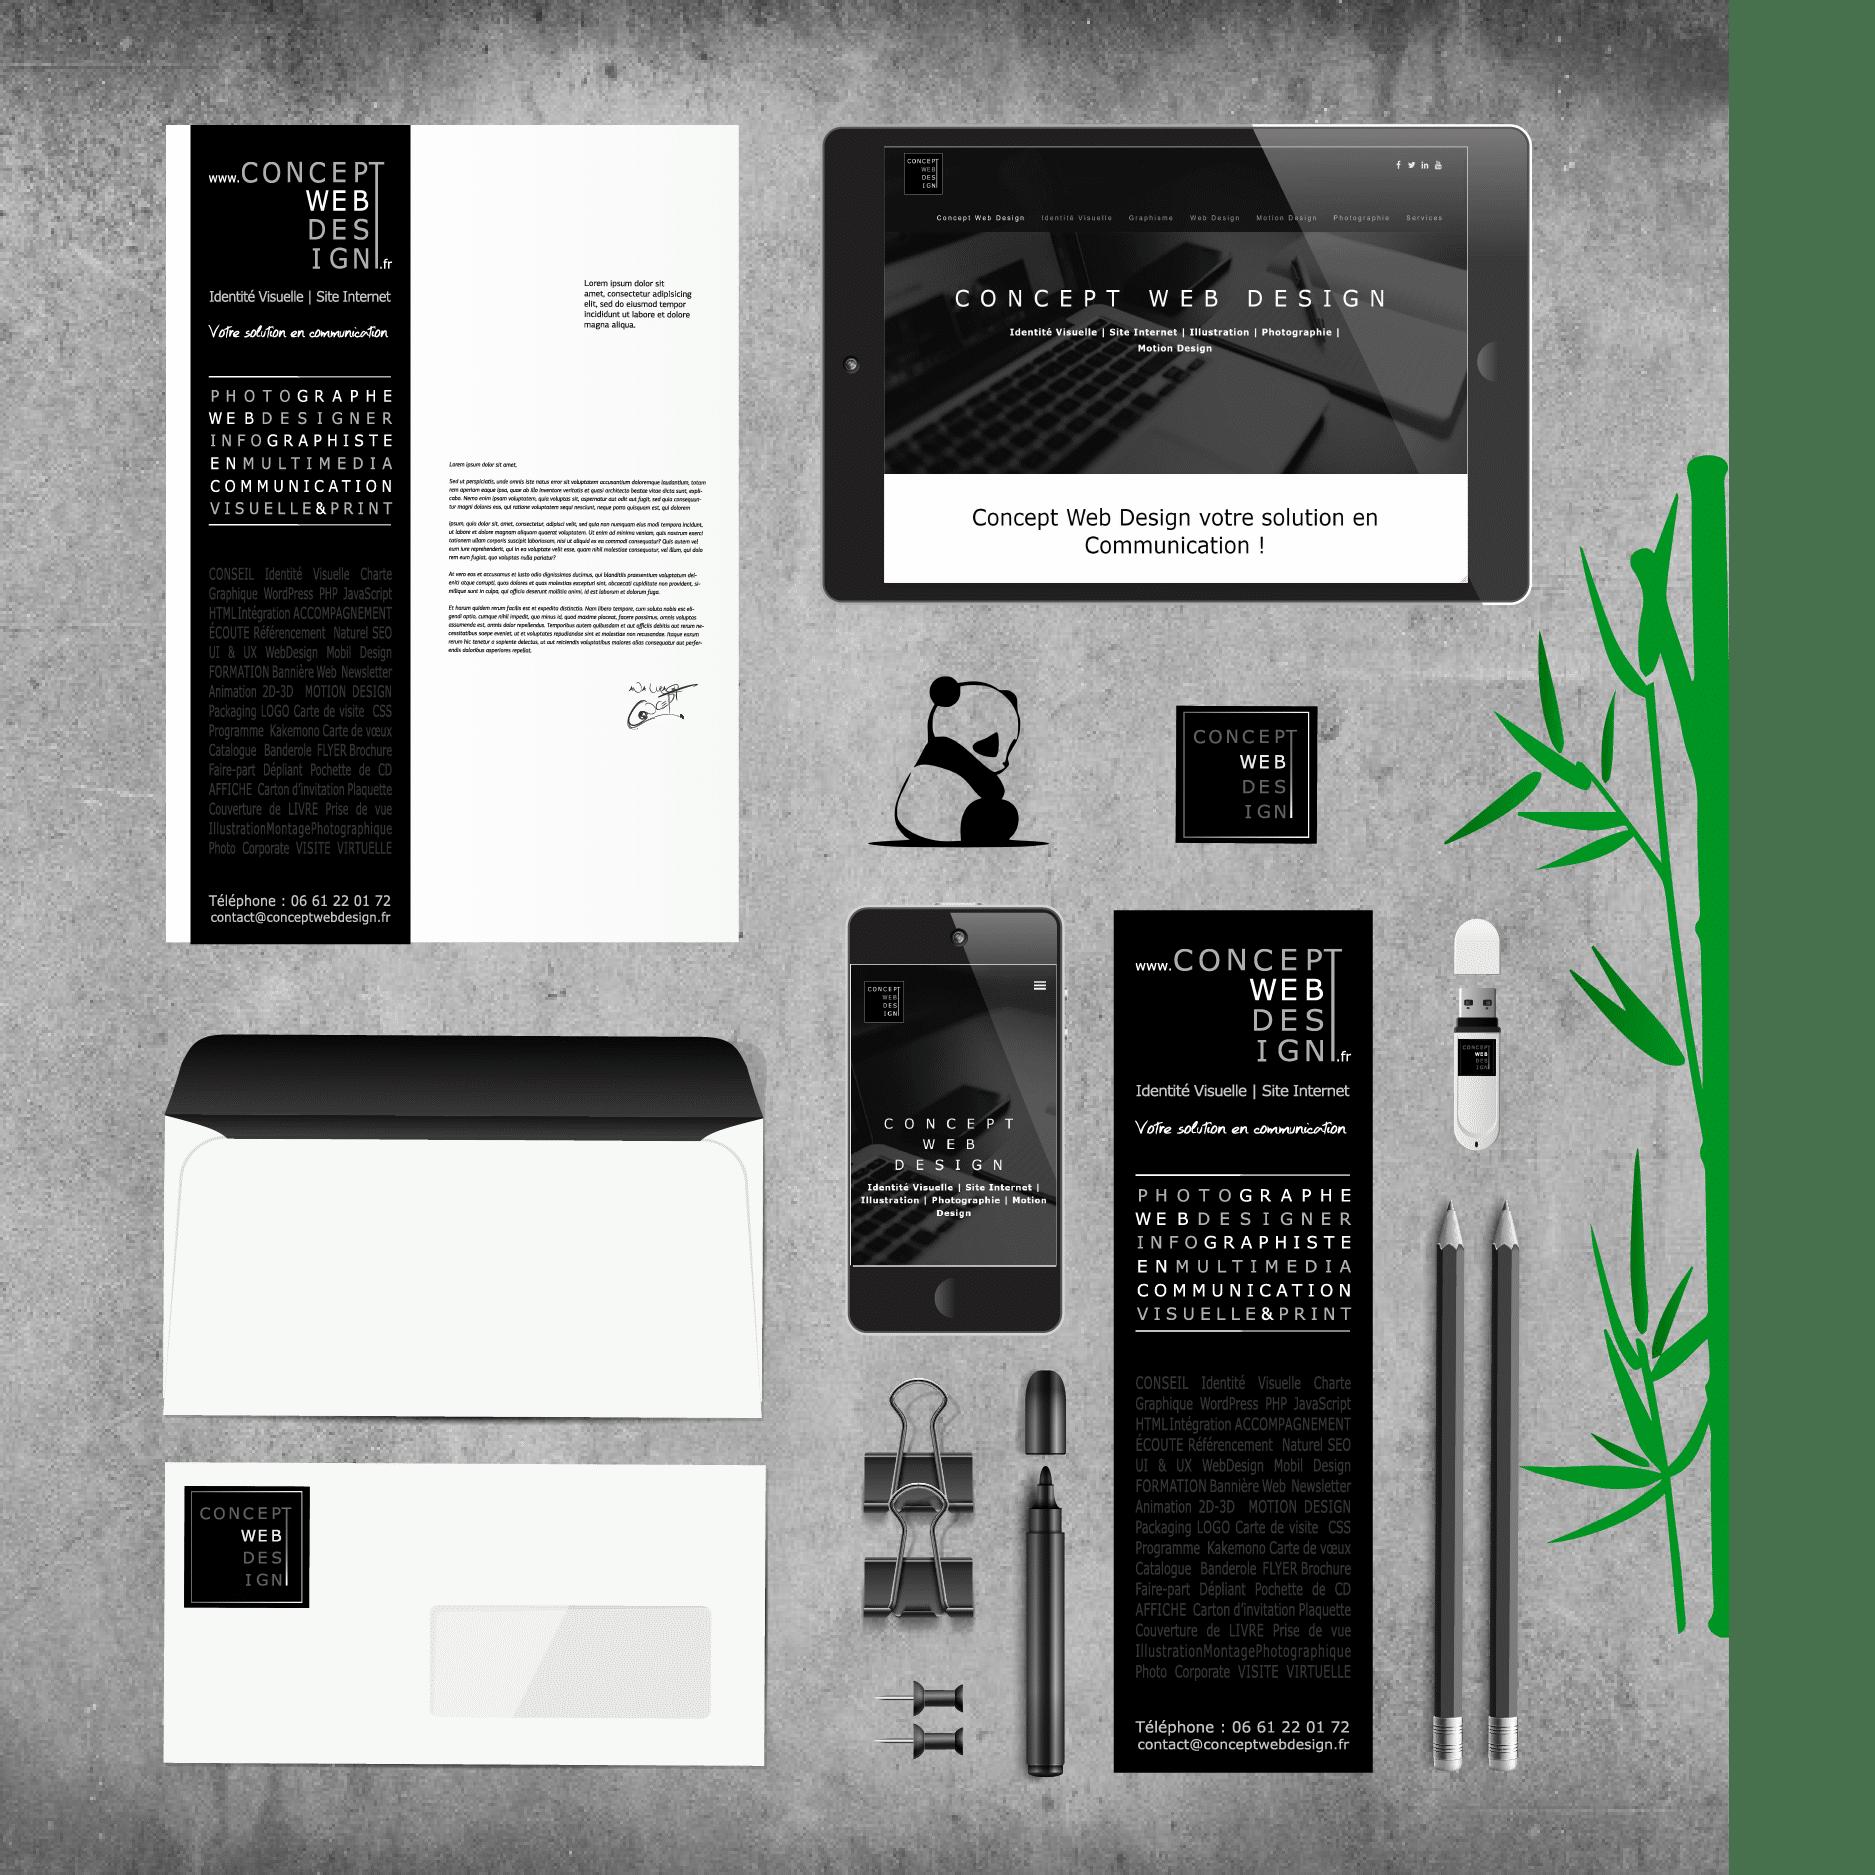 Identité visuelle de Concept Web Design